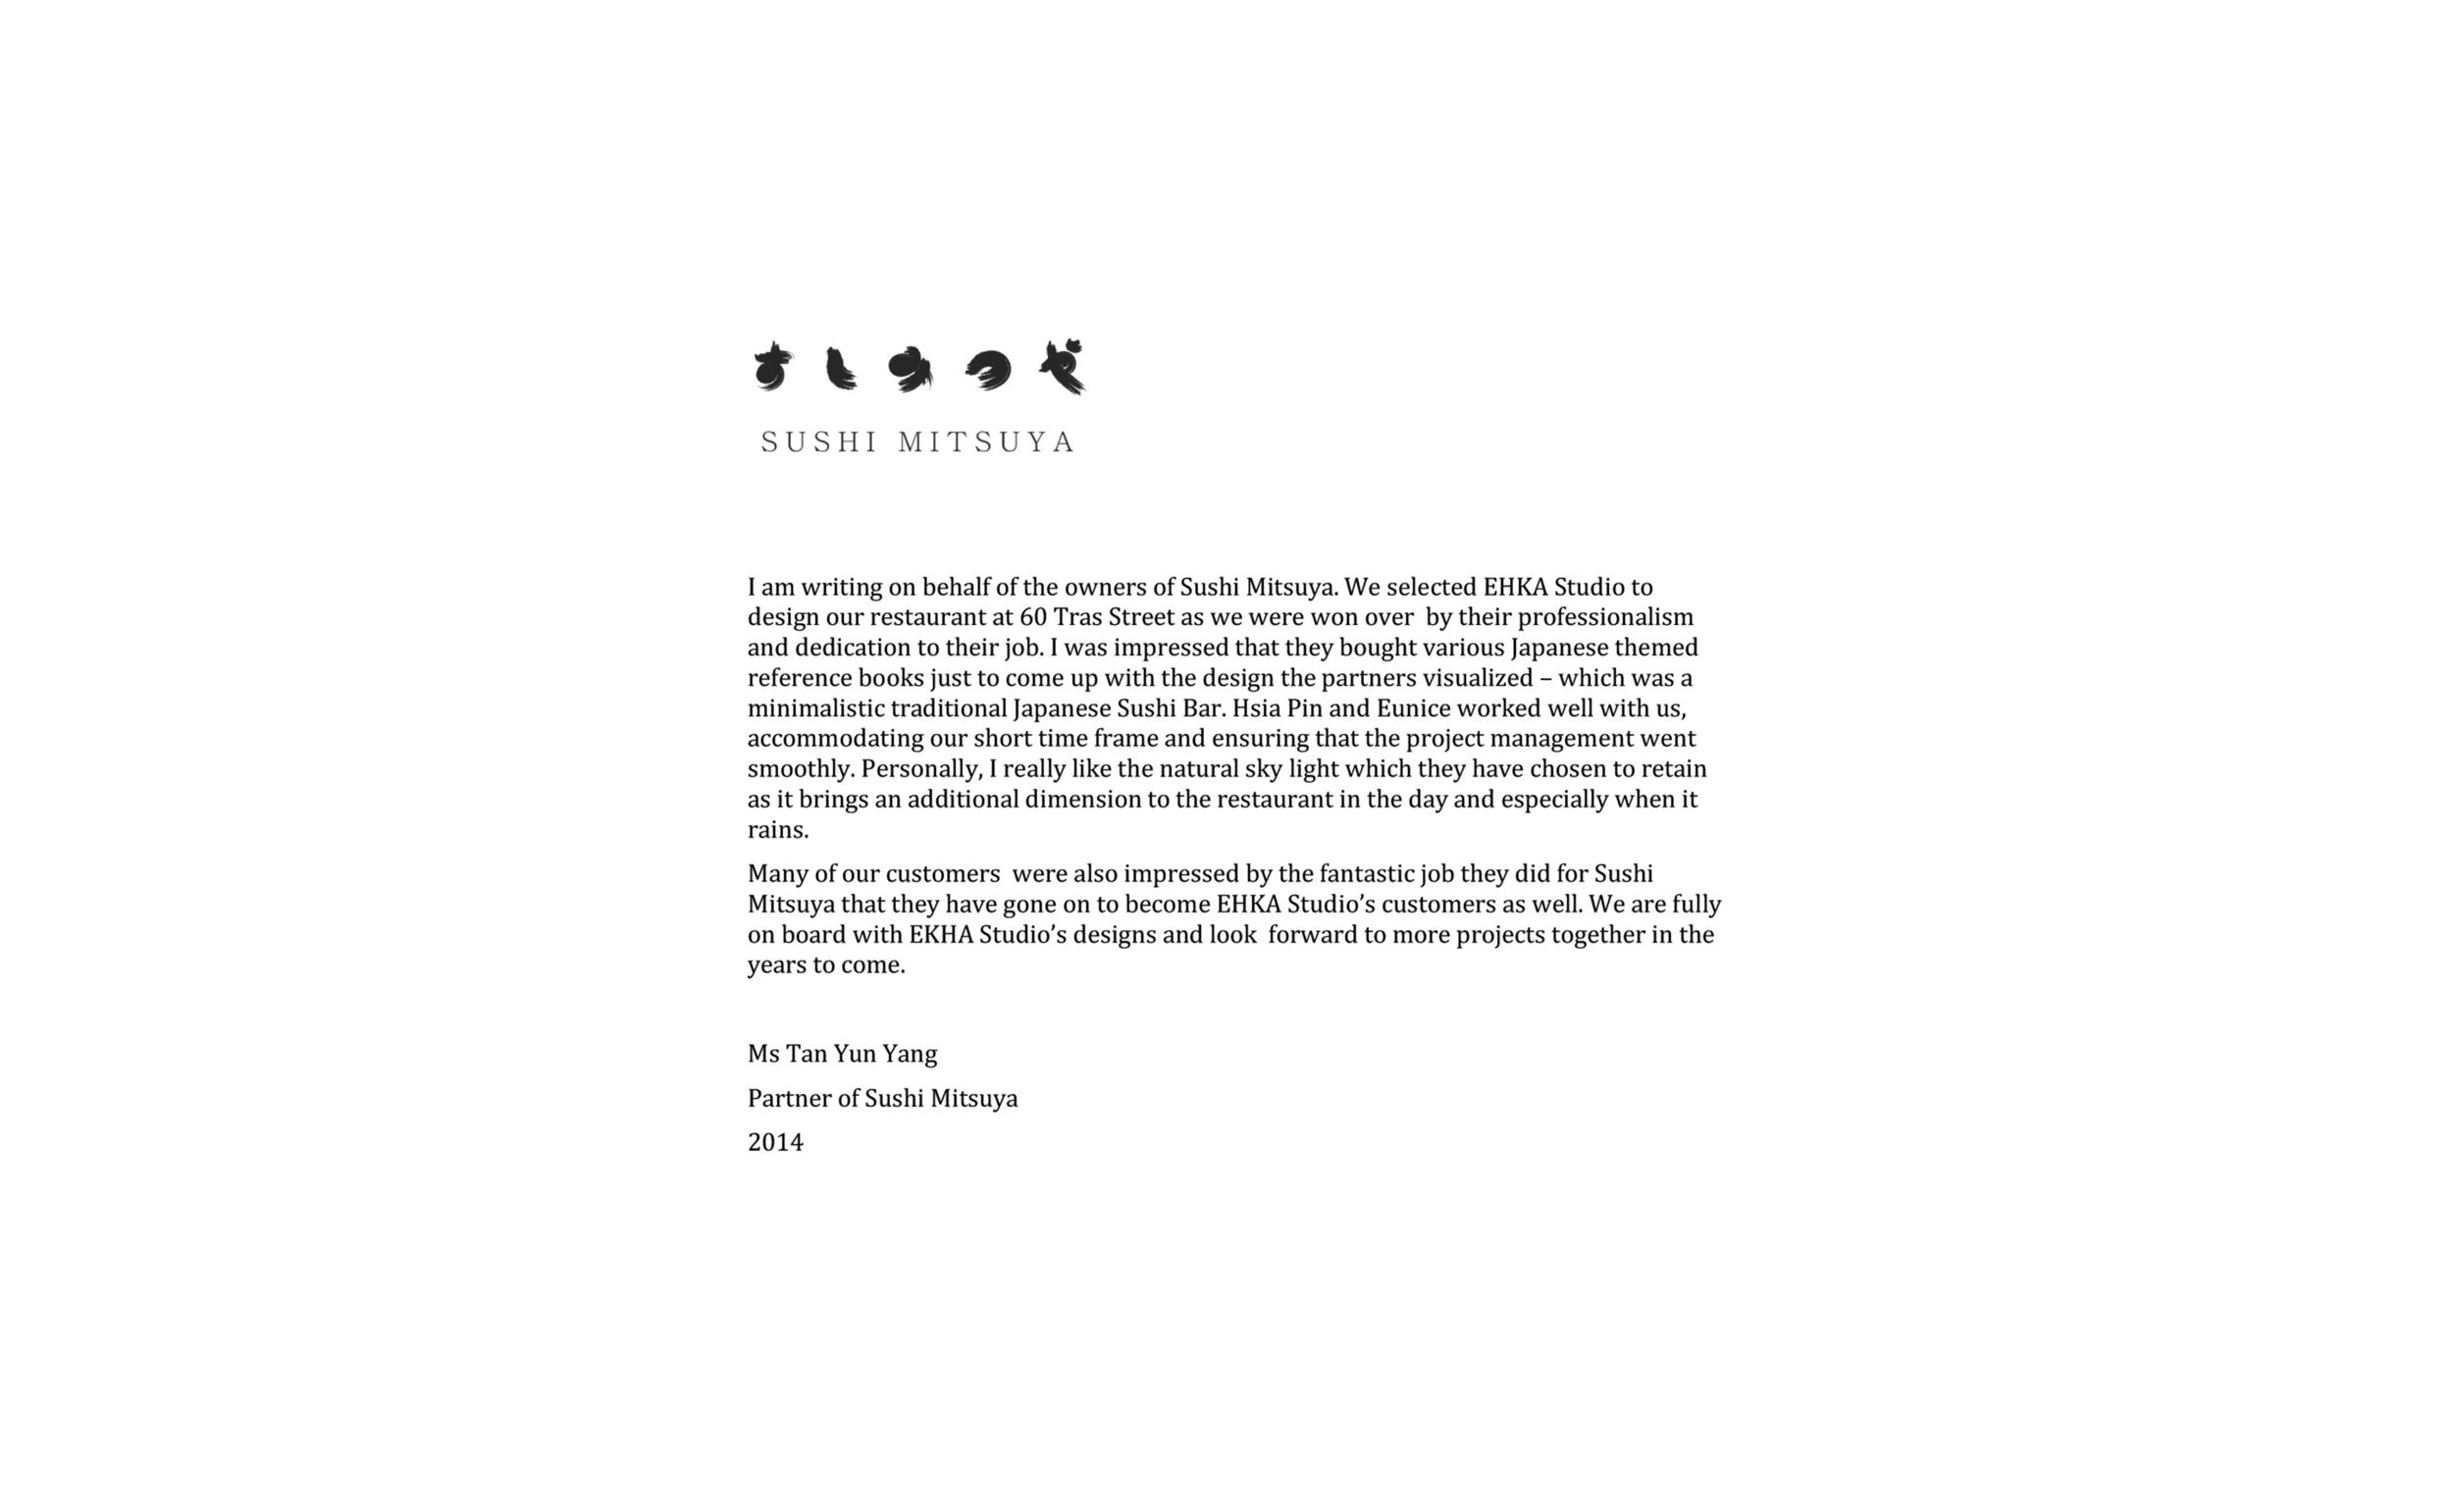 Sushi Mitsuya Testimonial.jpg